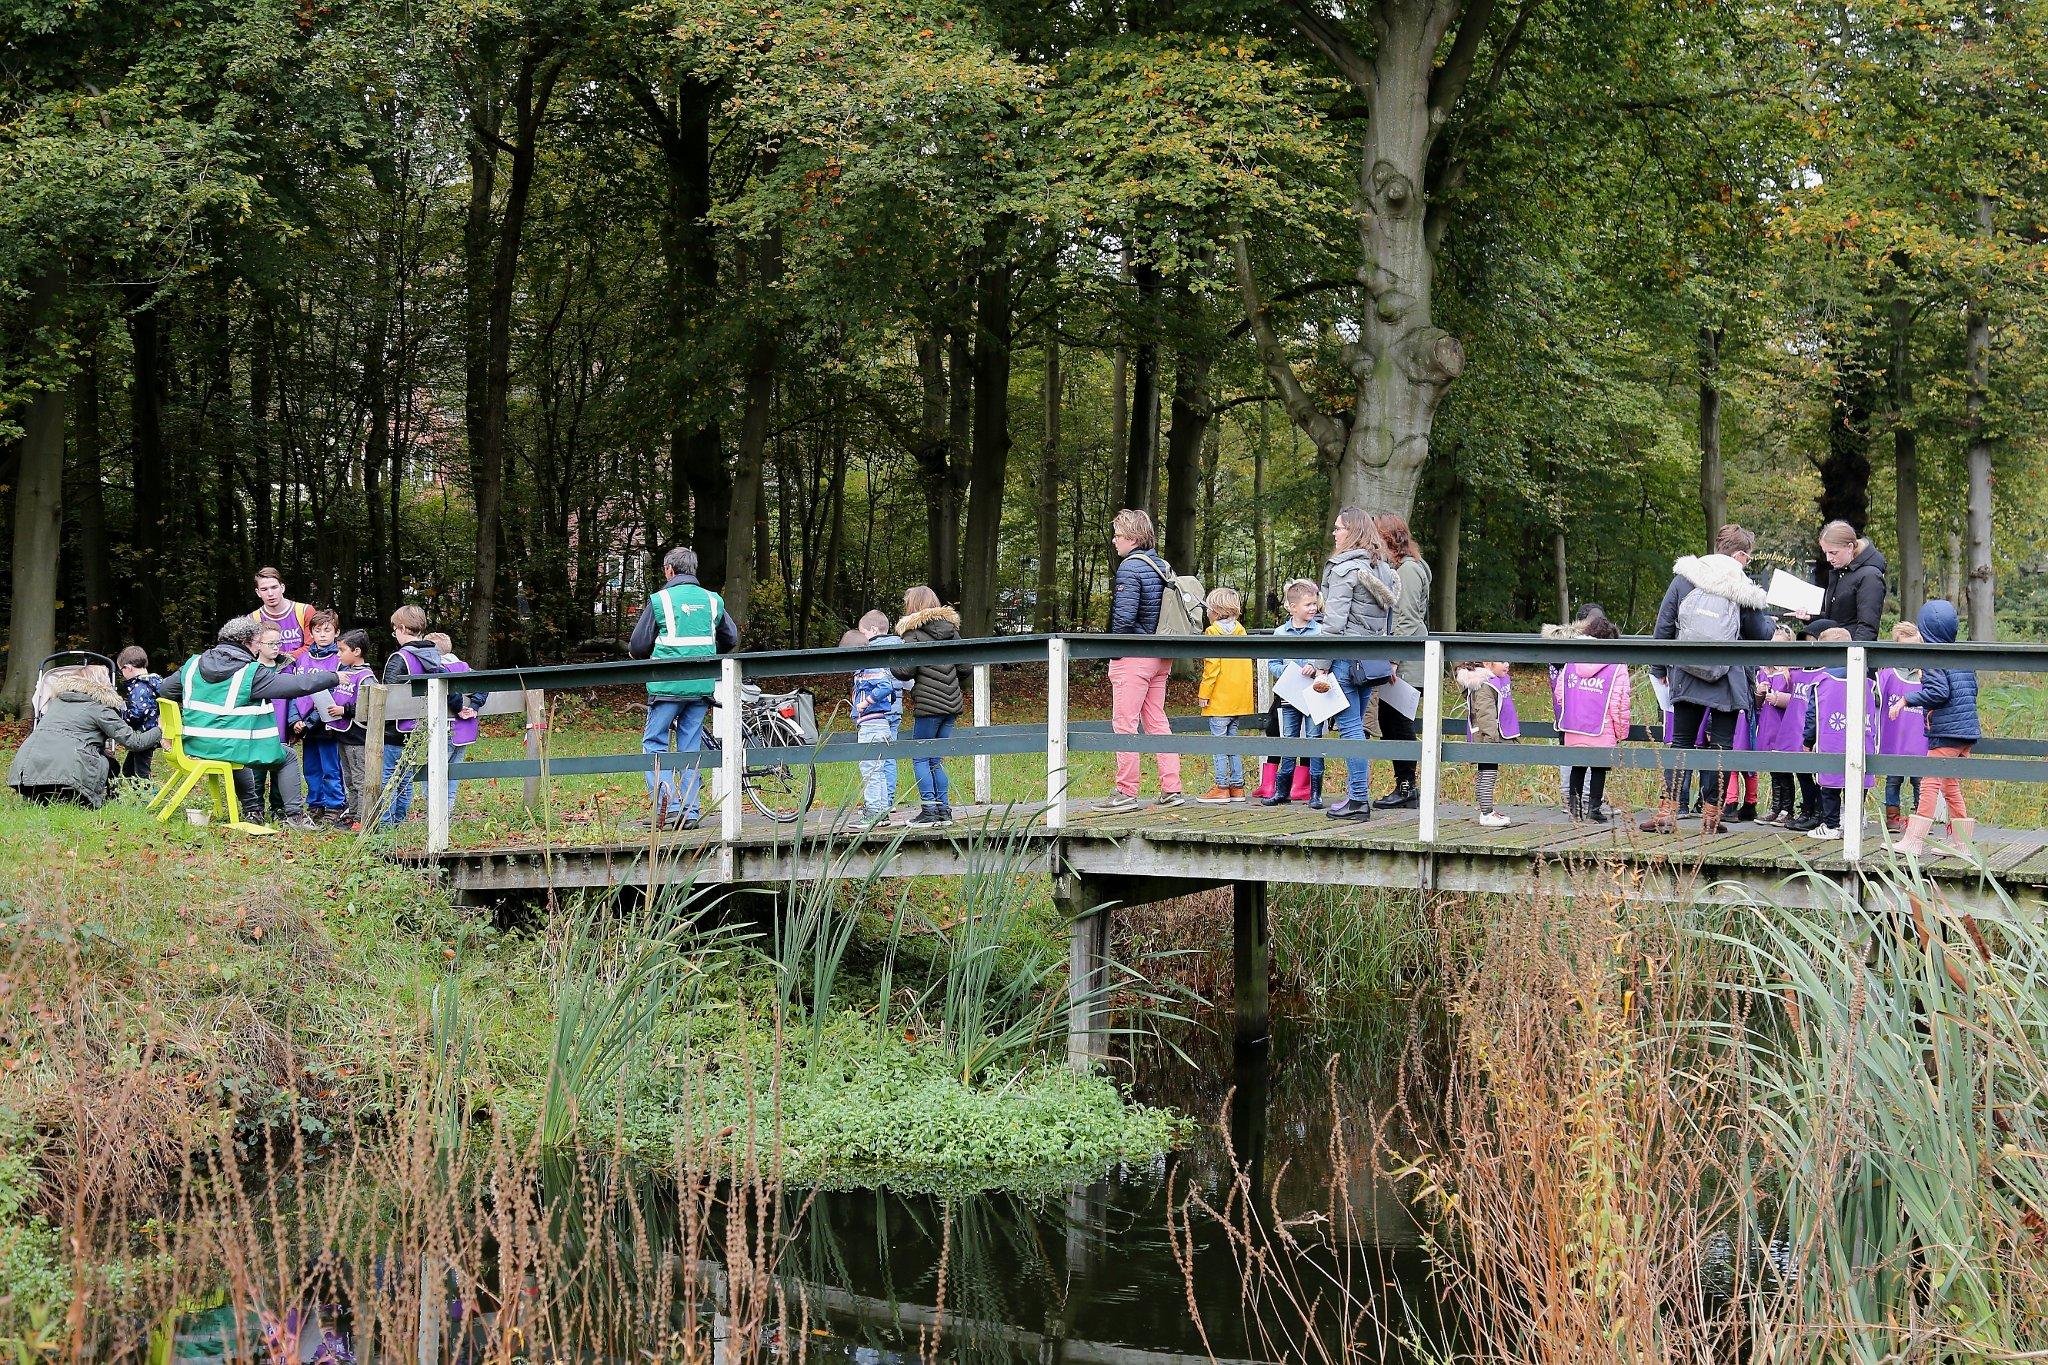 Herfstnatuurspel 2019 foto: Piet Broekhof